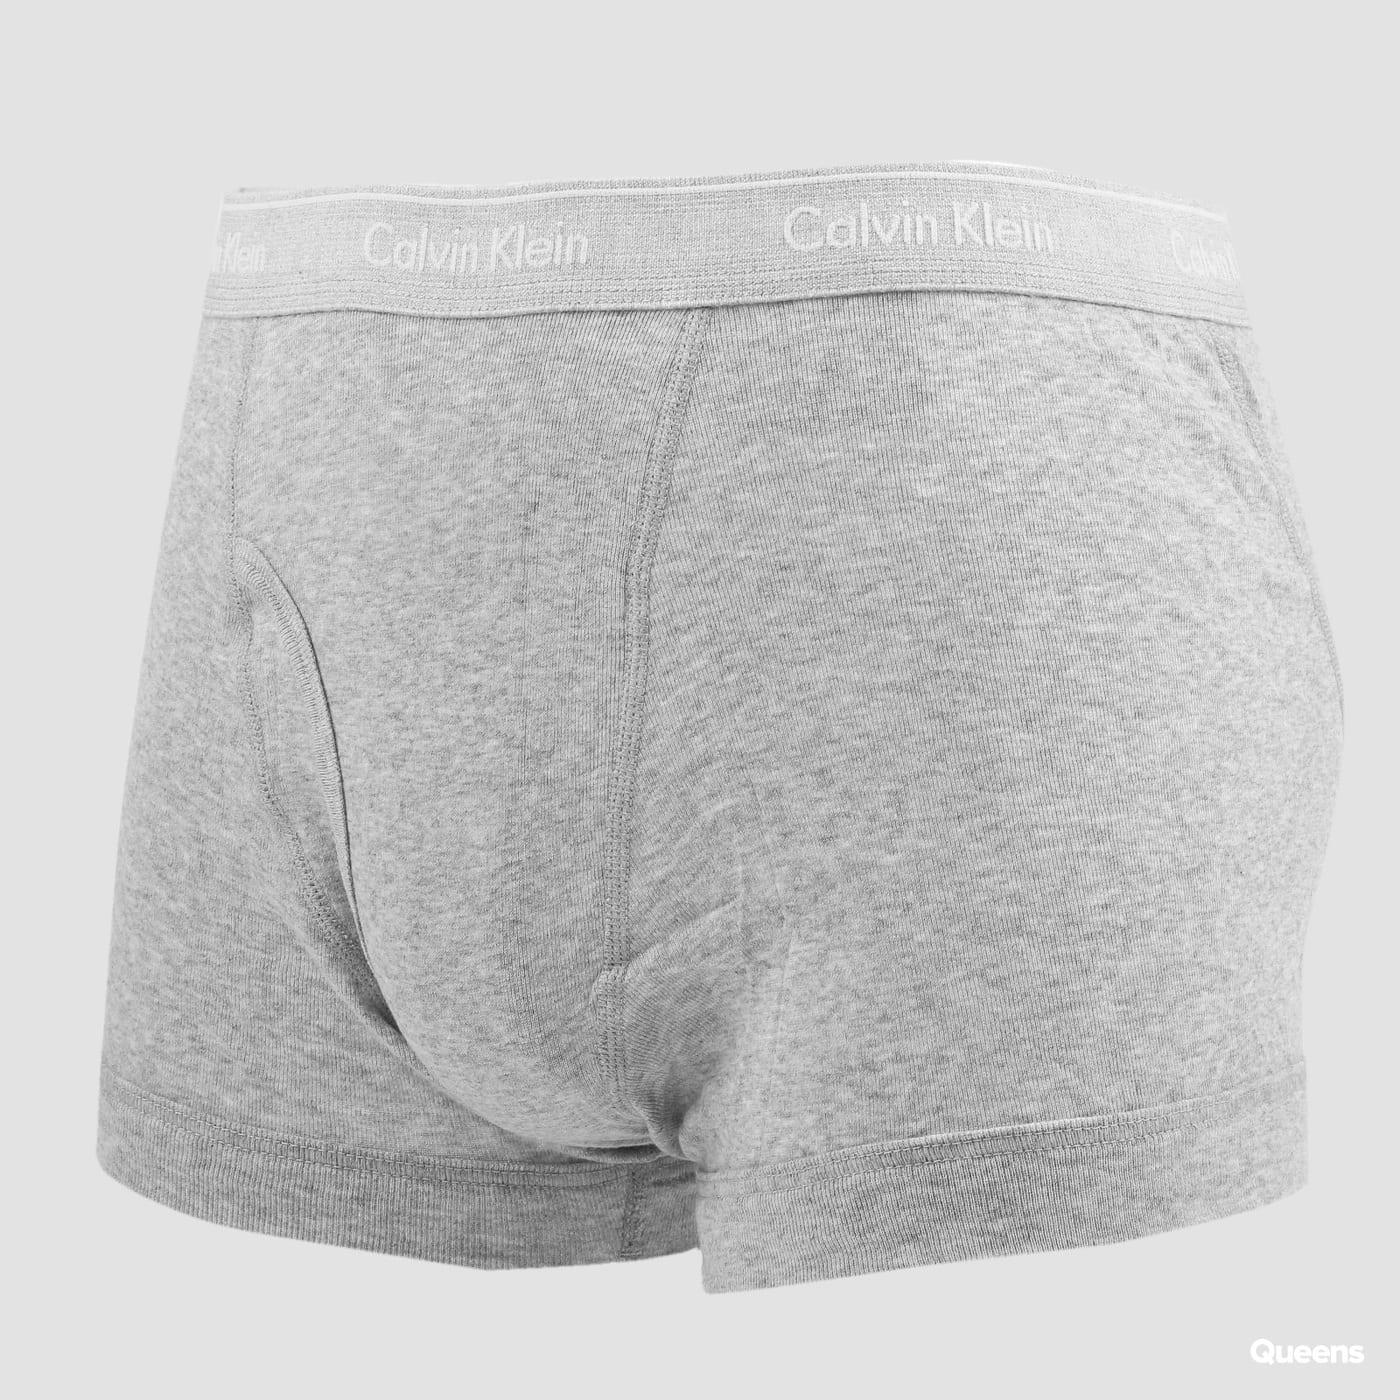 Calvin Klein 3 Pack Classic Fit Trunks bílé / černé / melange šedé